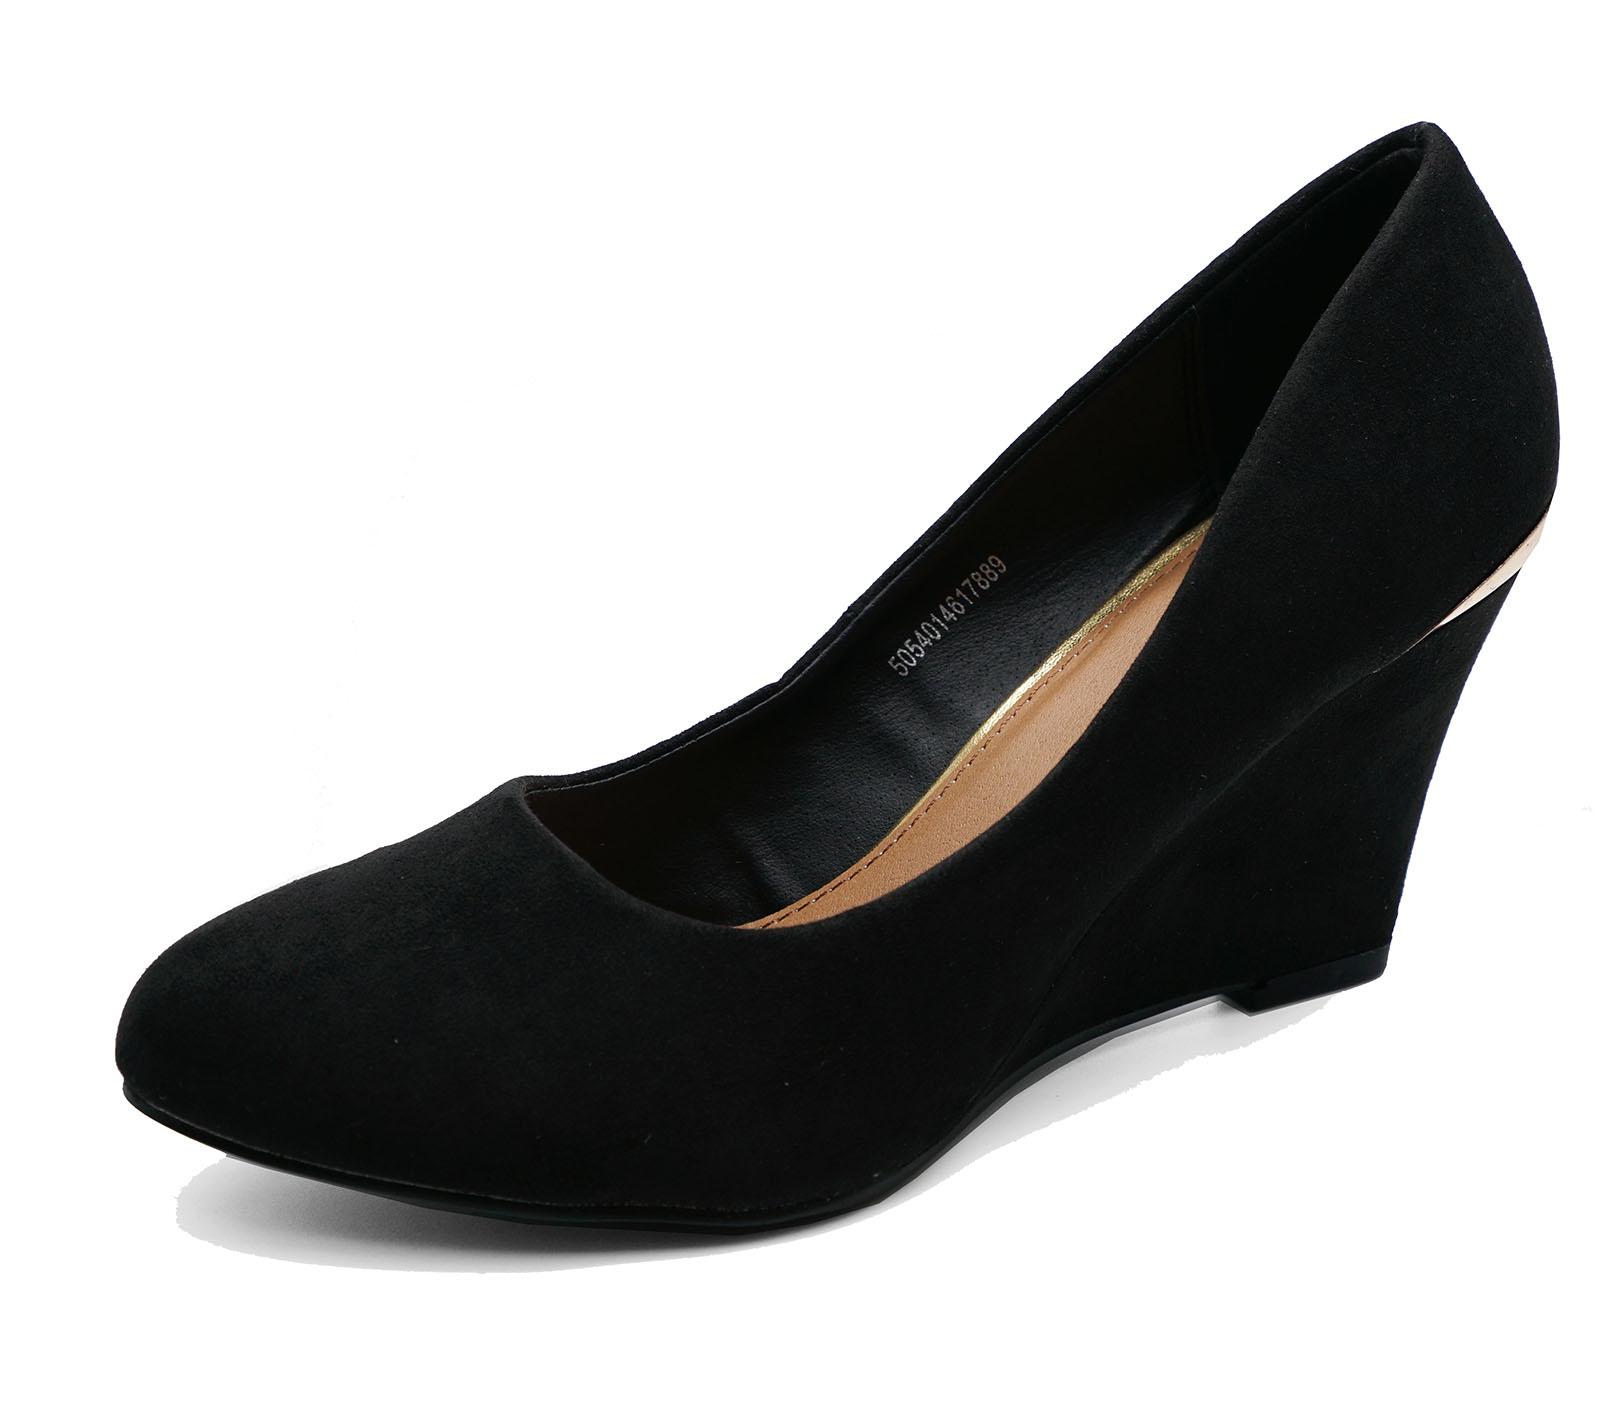 Señoras Negras Sin Cordones Tacón Bajo Cuña Zapatos Tribunal Zapatos de trabajo inteligente Tamaños 3 & 4